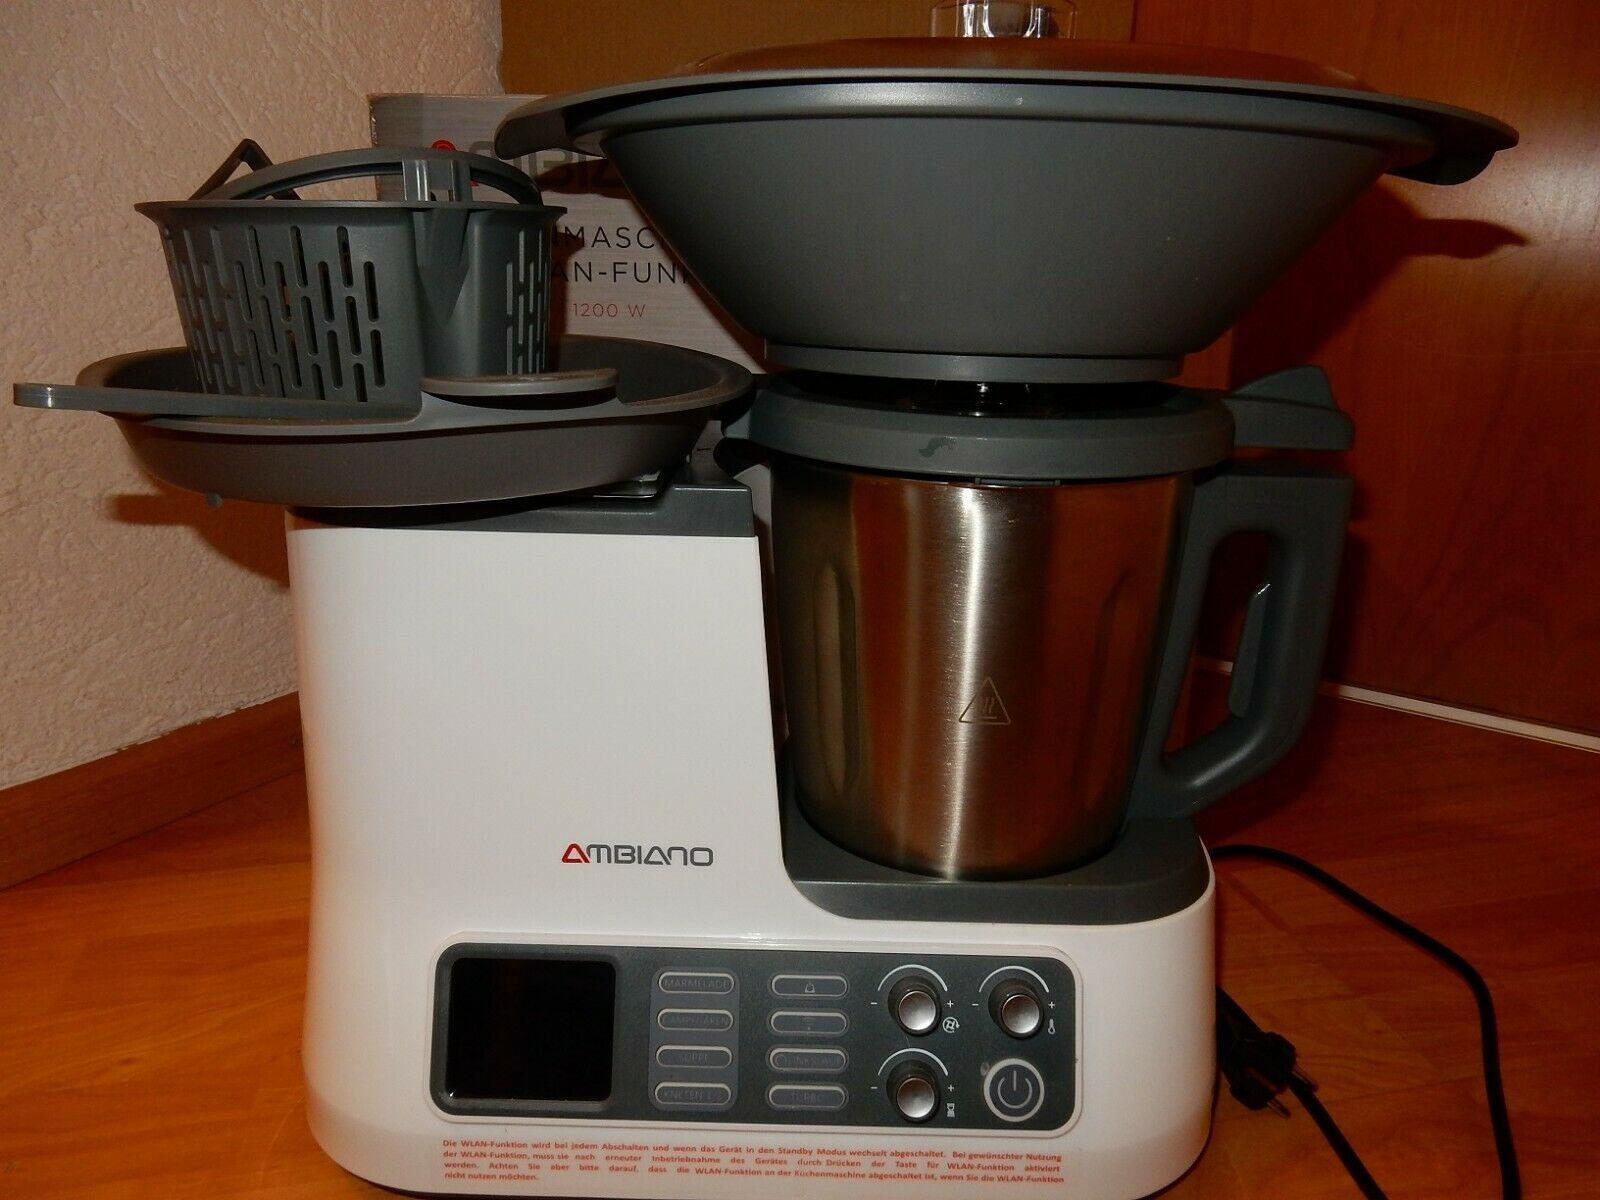 Küchenmaschine Ambiano